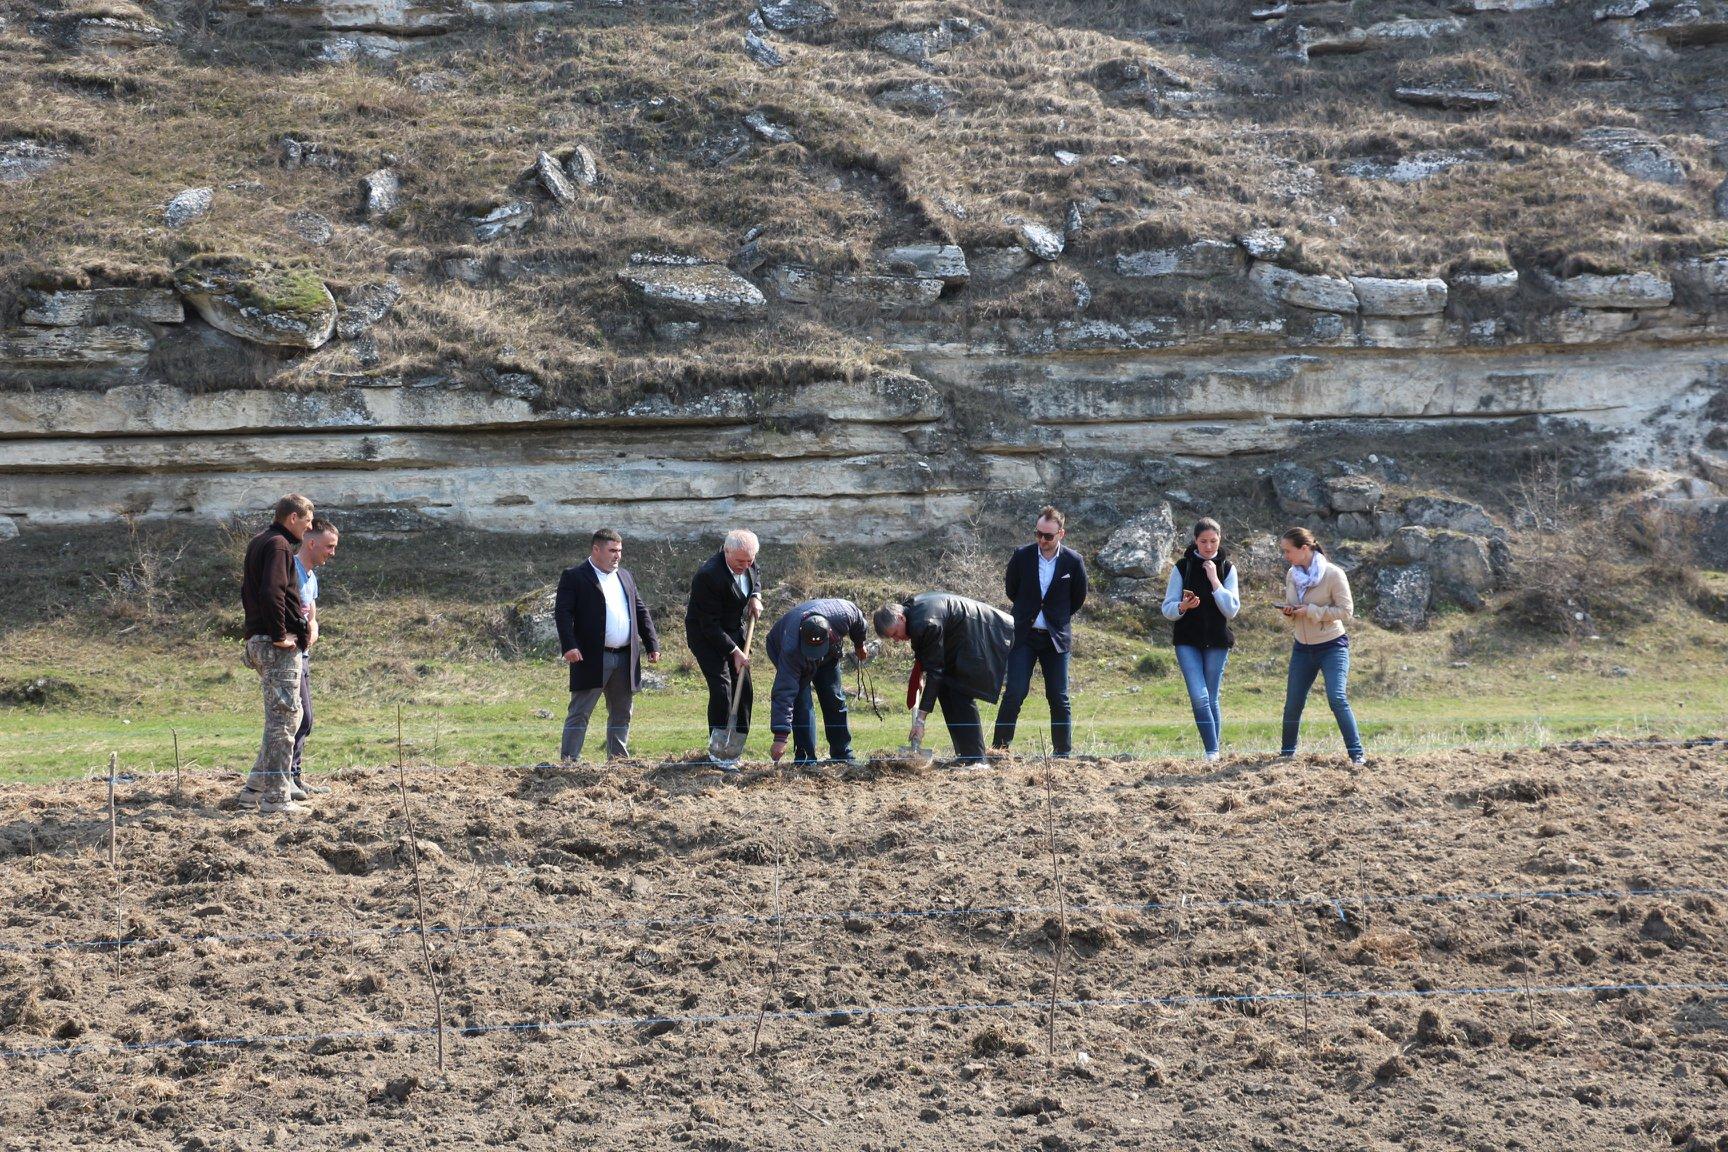 O fâșie riverană de protecție a fost plantată la Orheiul Vechi